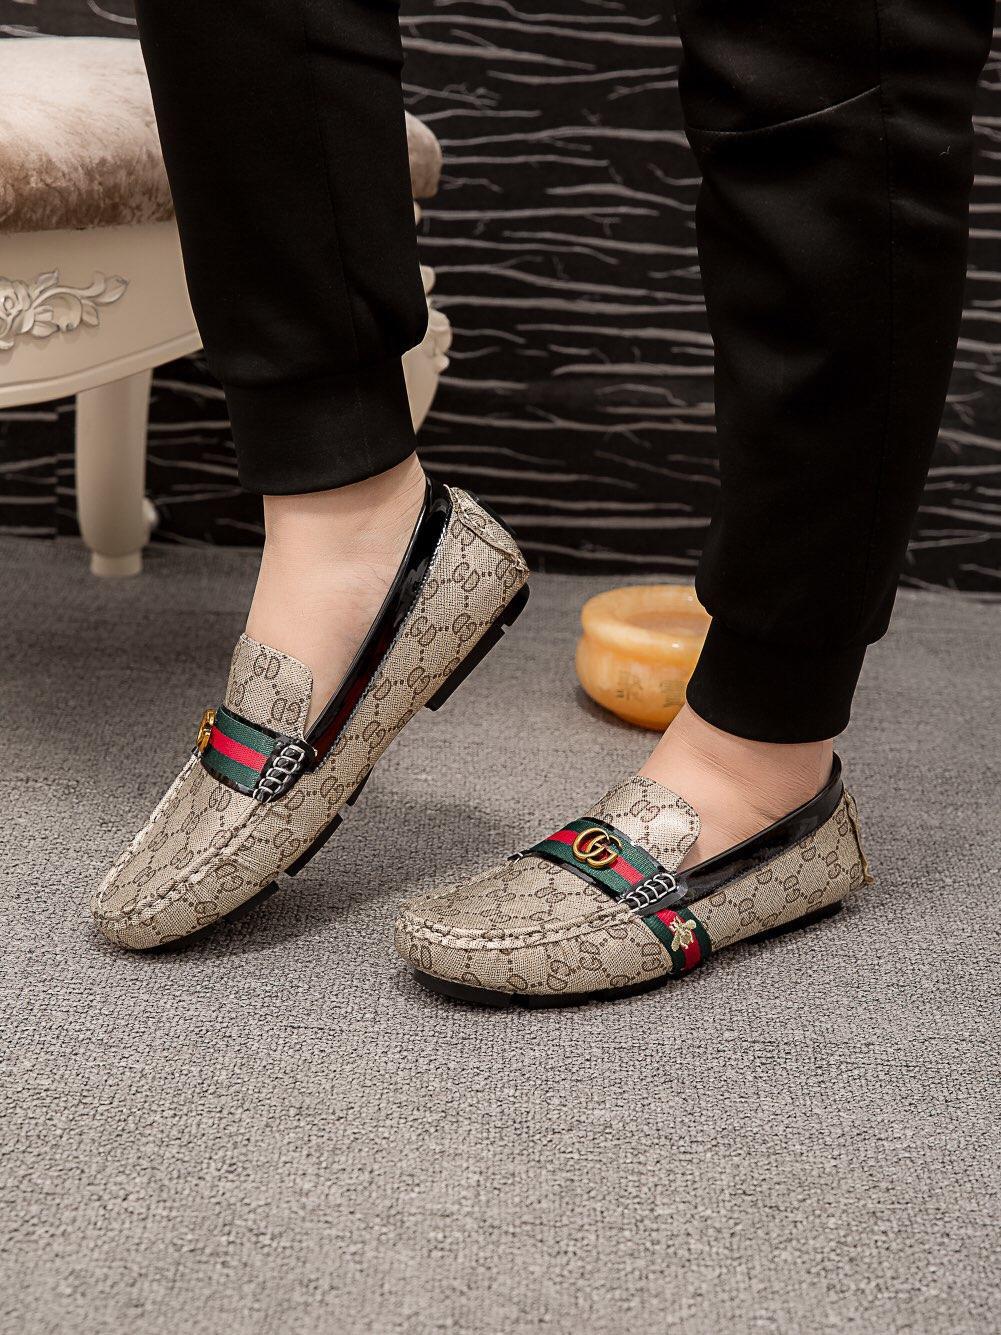 Yeni 2019 Toptan kaliteli Mens Siyah taban Günlük Ayakkabılar Boyut 070902